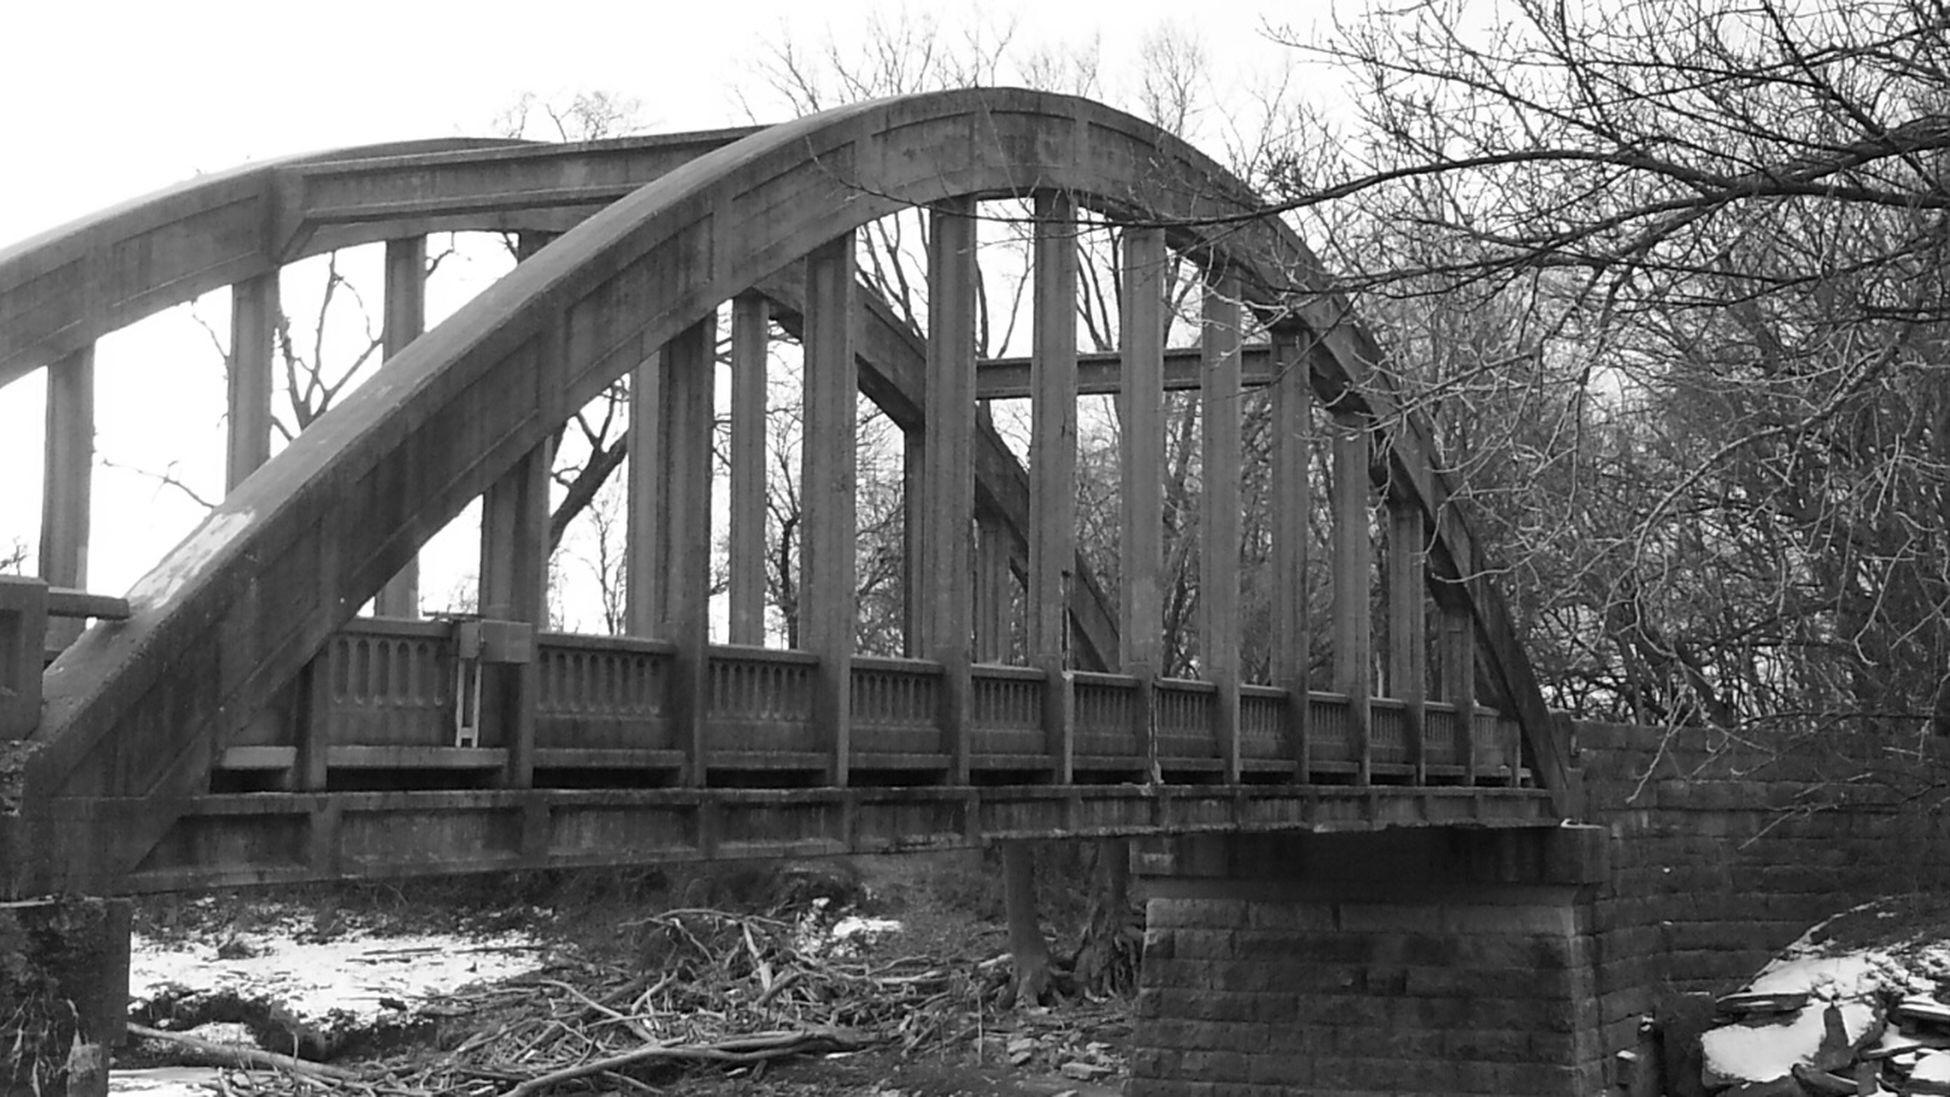 Arch Bridge across Cottonwood river in Emporia, Ks Bridge Arch